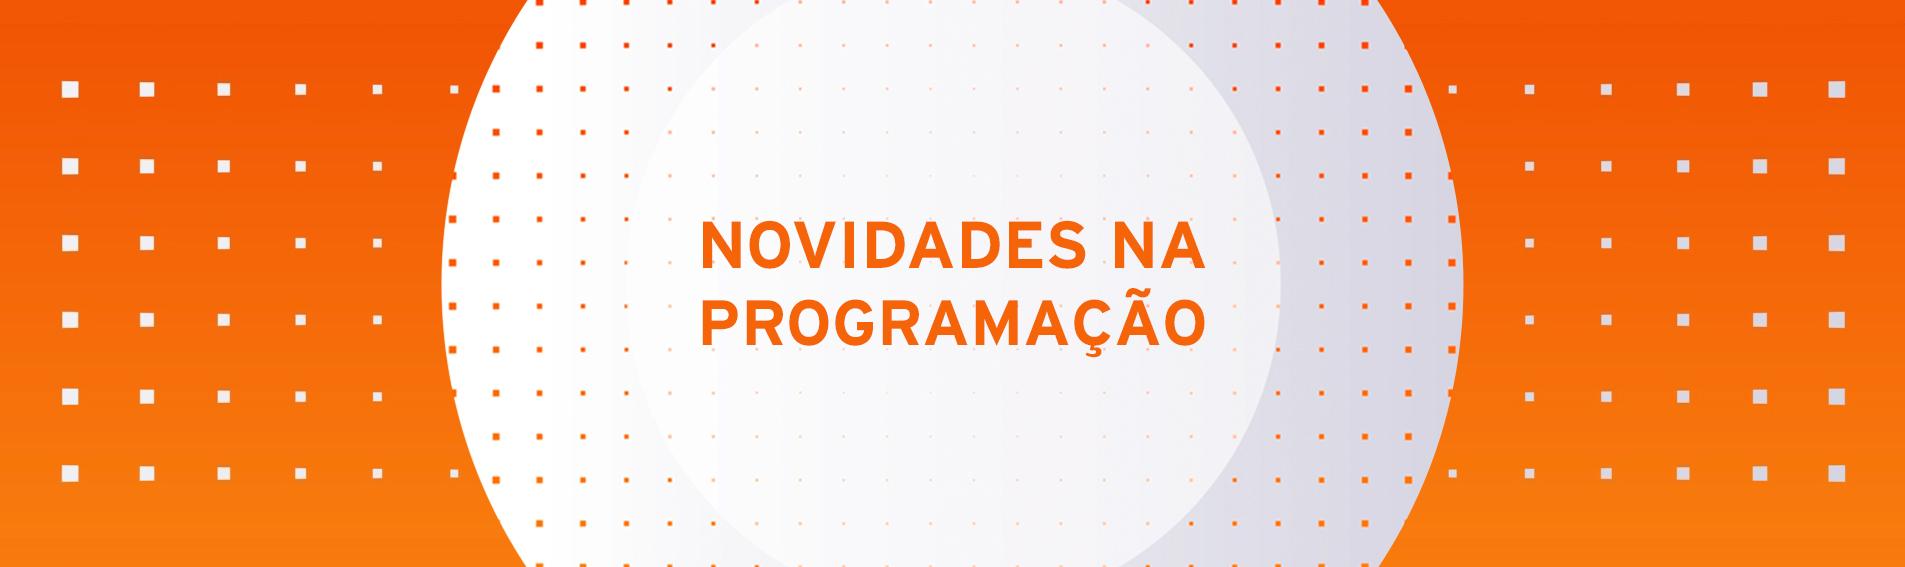 banner_novidades_programacao